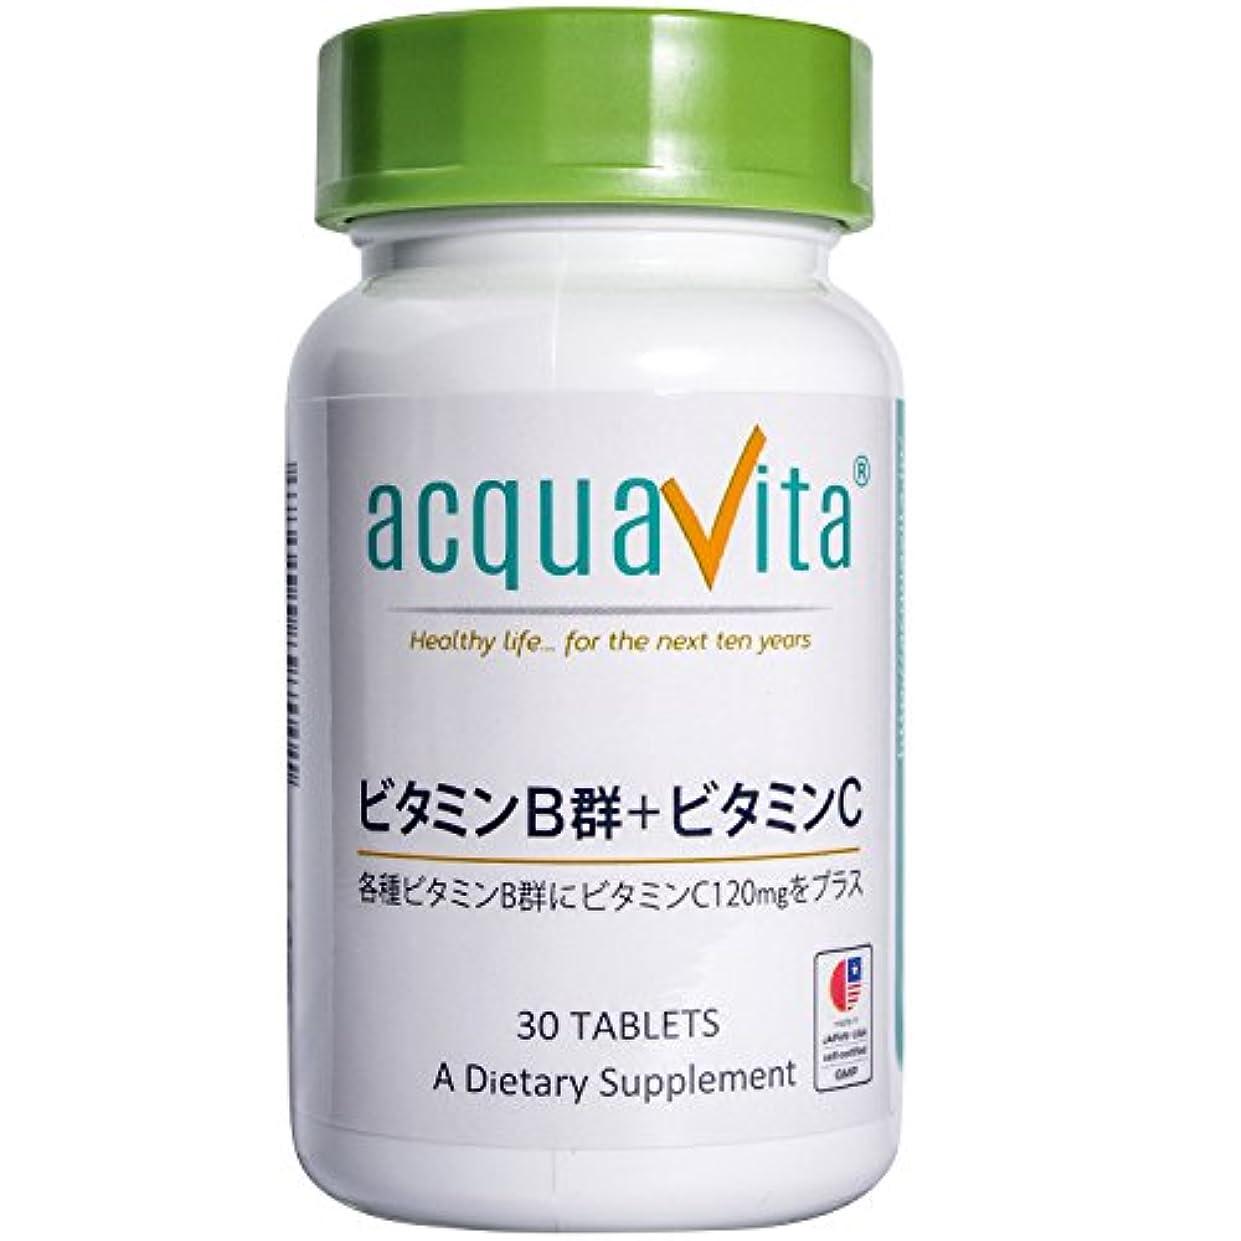 消す傾向があるacquavita(アクアヴィータ)  ビタミンB群+ビタミンC 30粒